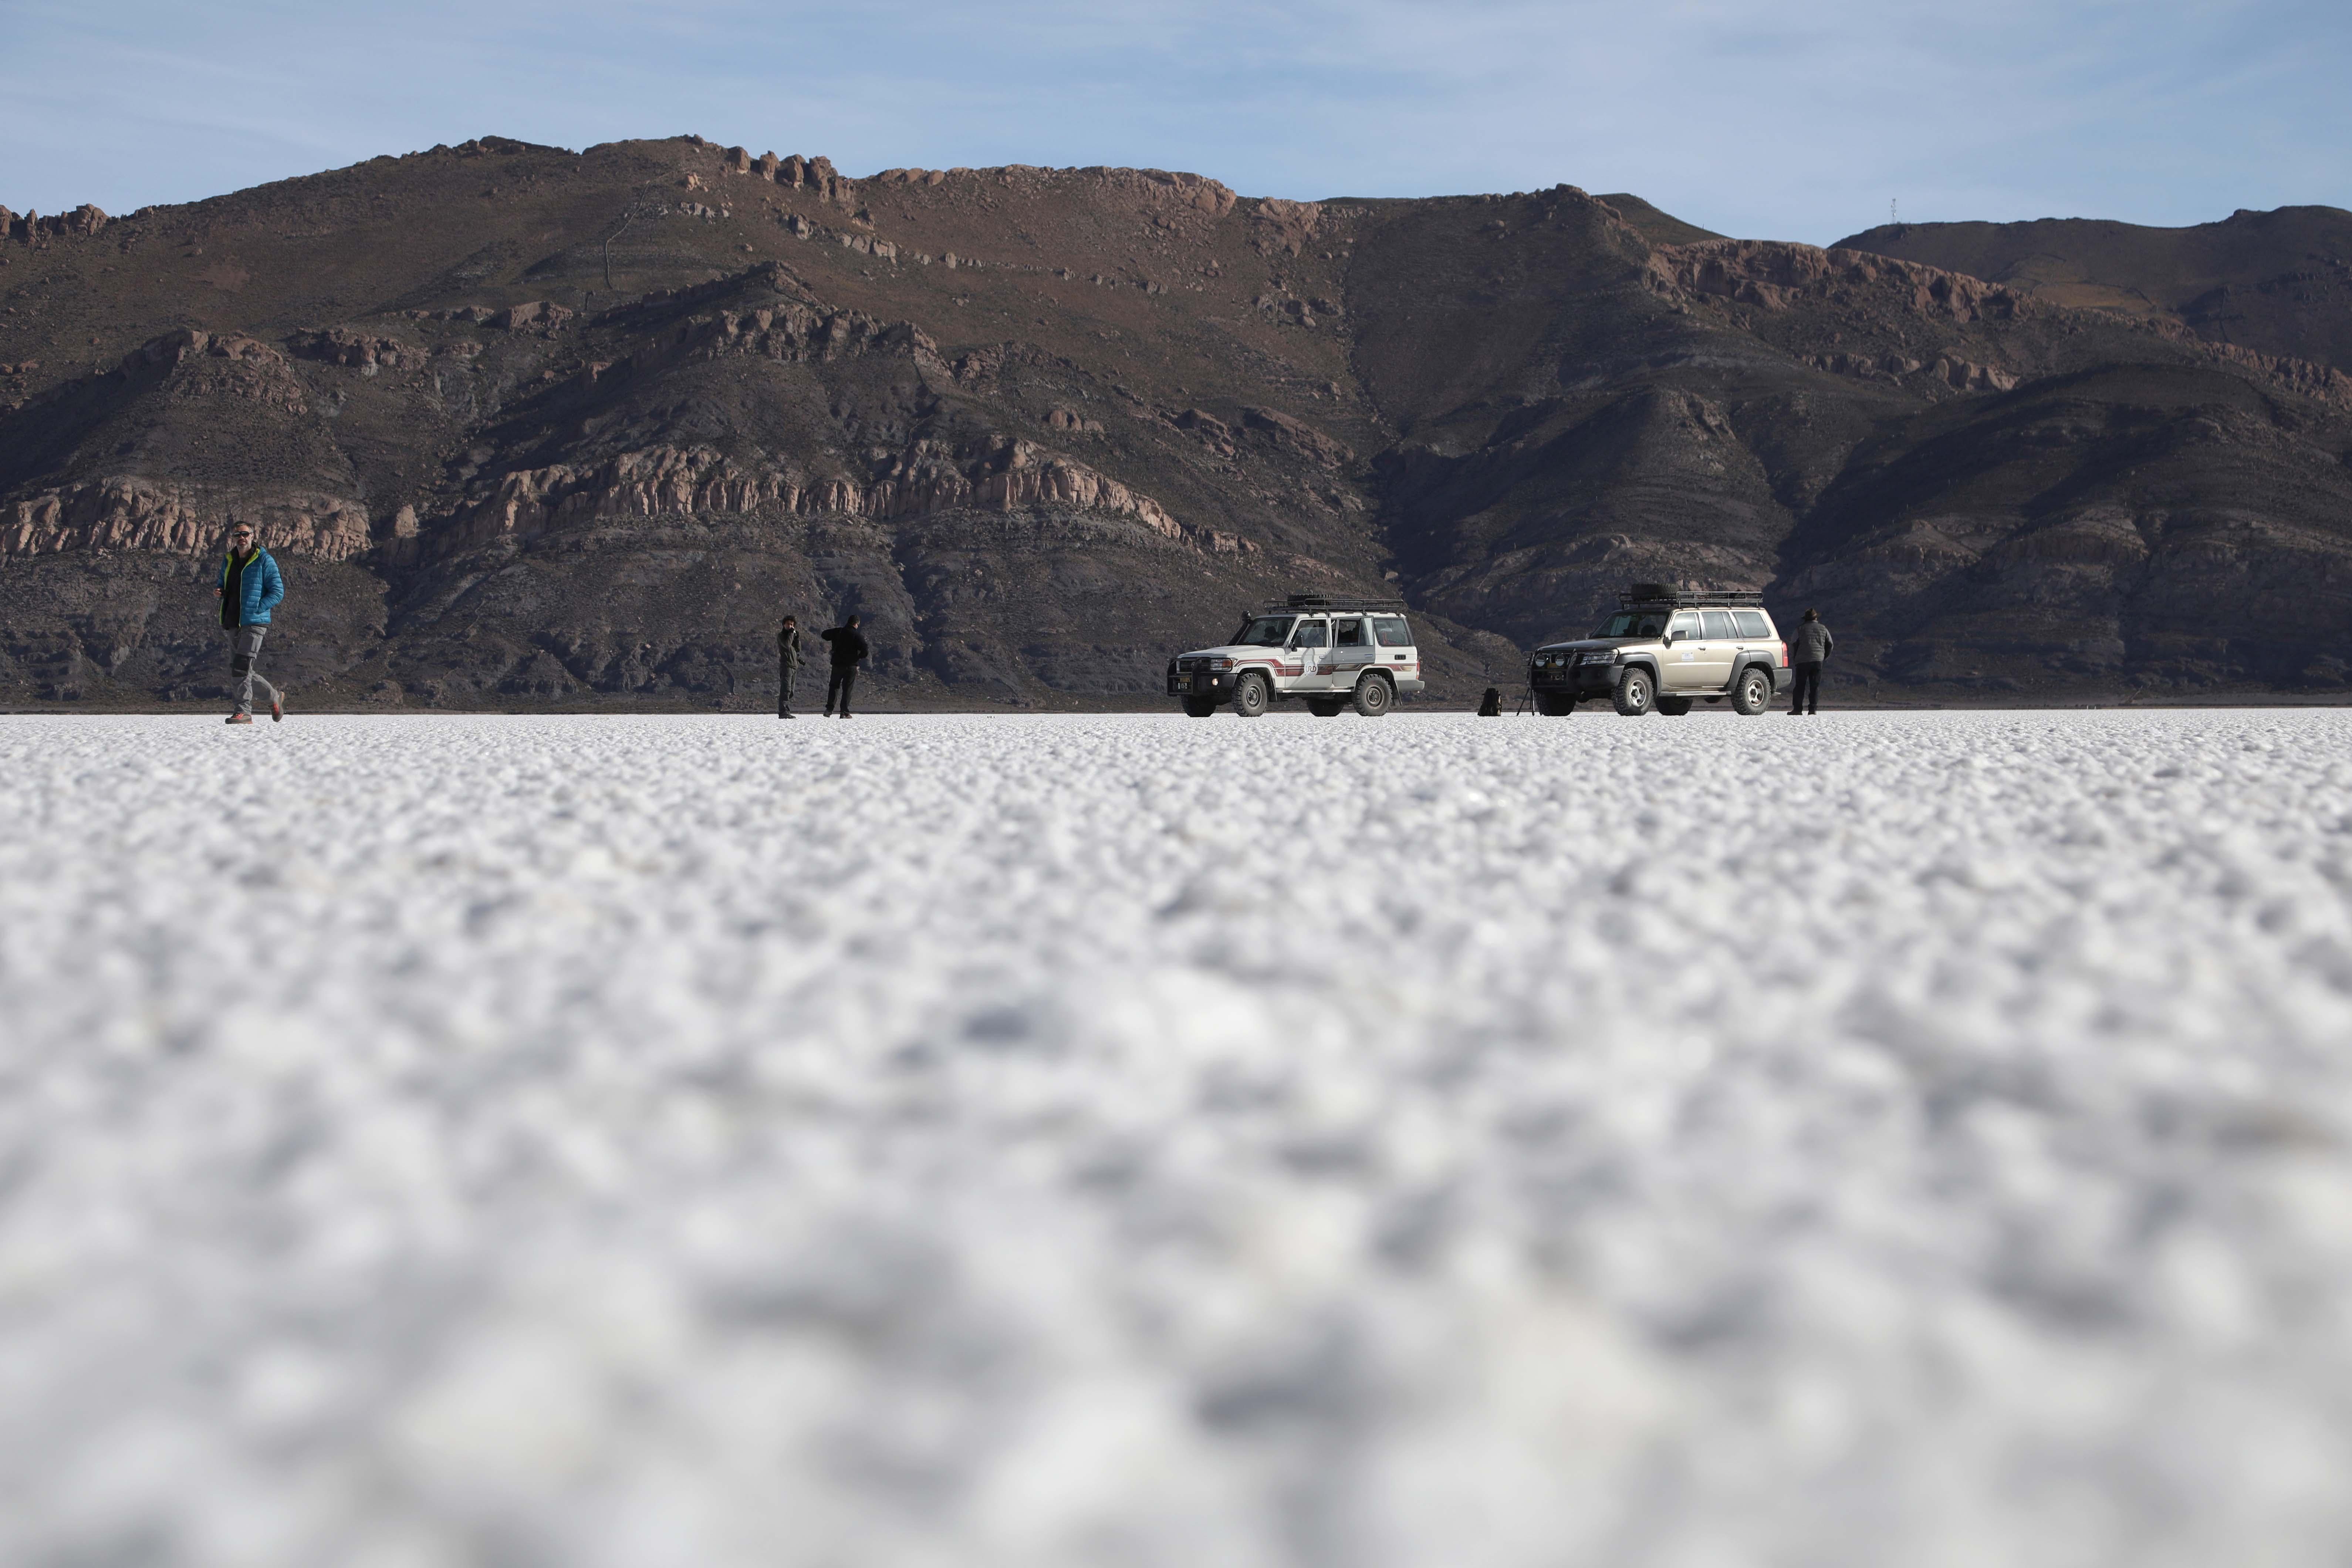 Traversée du Salar d'Uyuni, vaste désert de sel situé sur les hauts plateaux du sud-ouest de la Bolivie. ©Sarah Del Ben/Wild Touch/Fondation UGA